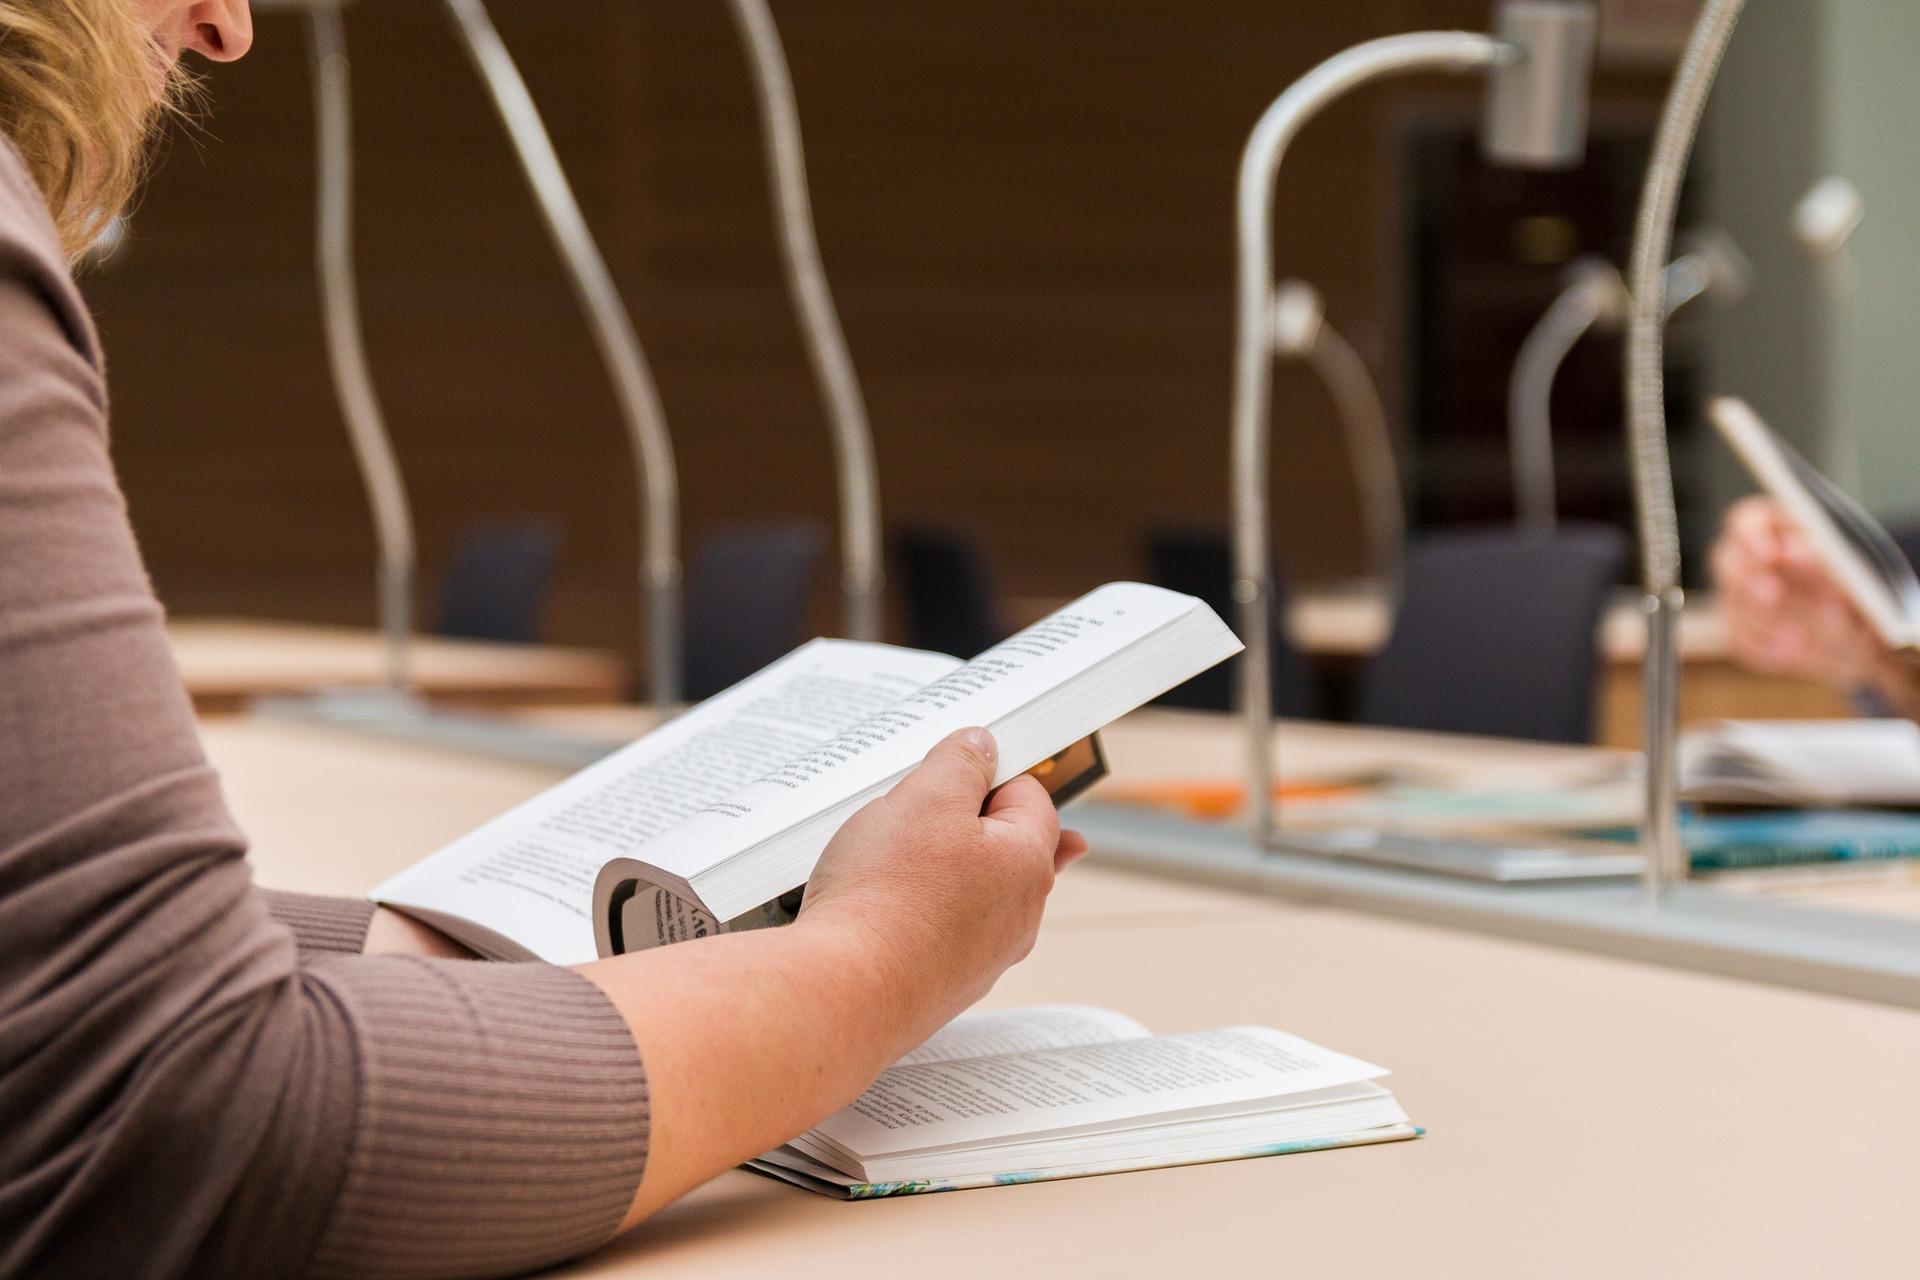 opositor-leyendo-estudiando